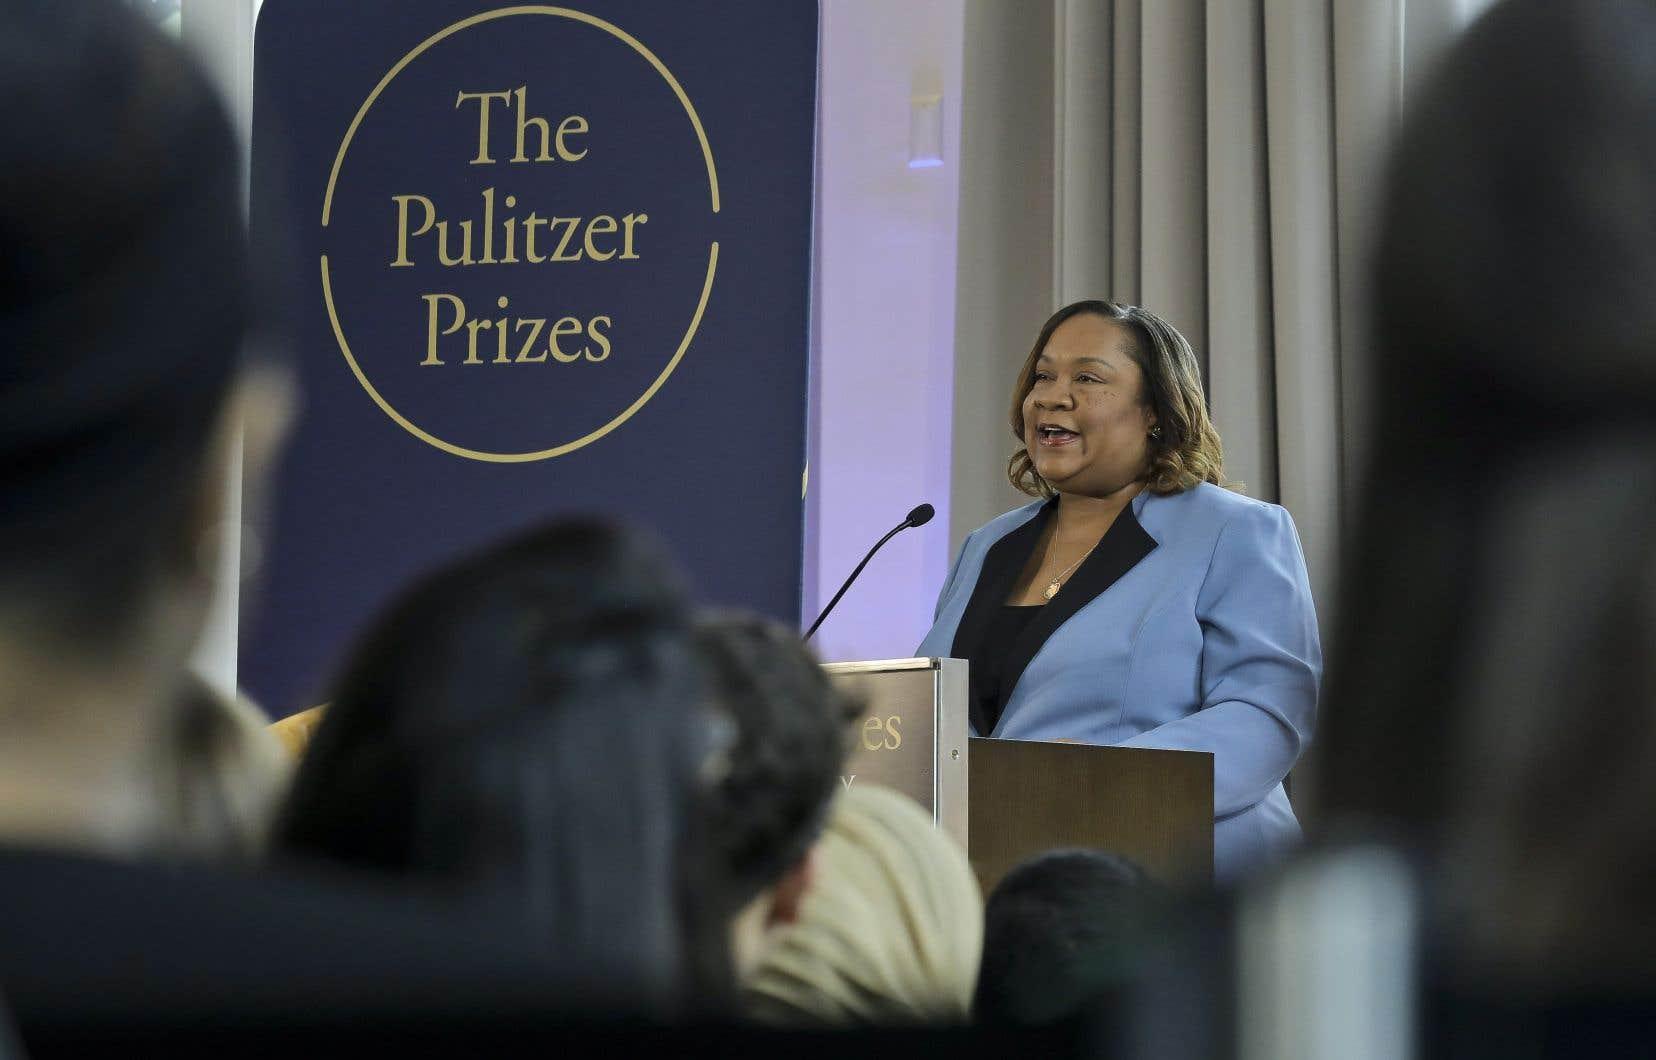 L'administratrice du prix Pulitzer, Dana Canedy